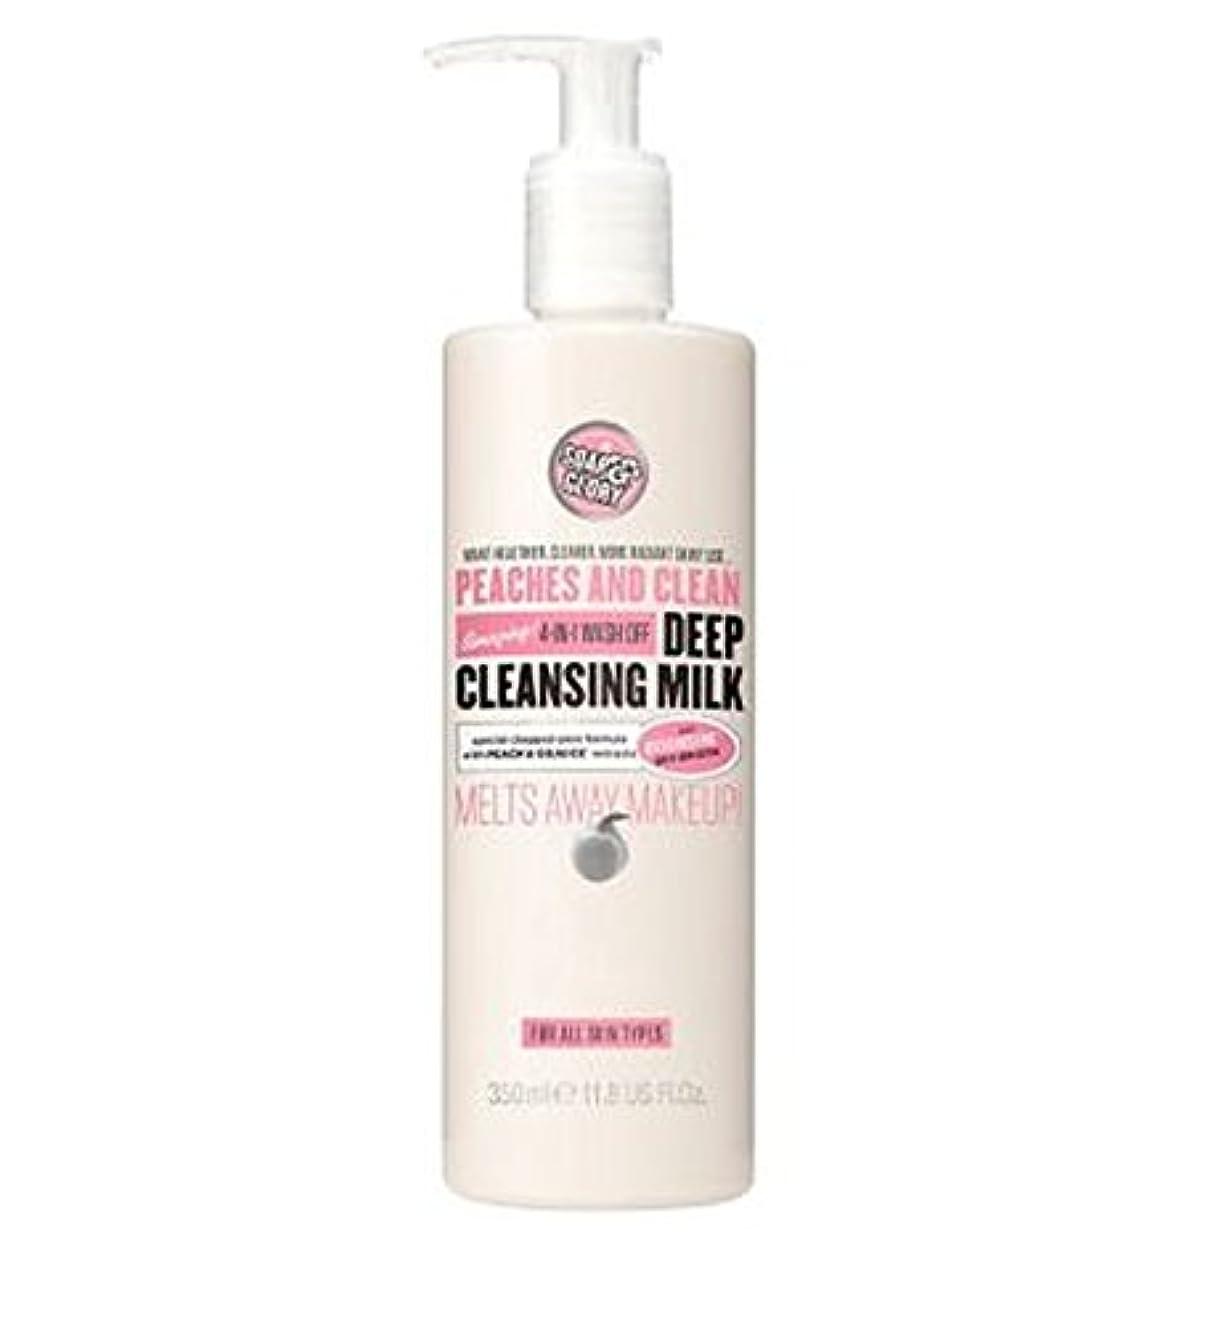 手のひら解明する量桃やクリーン?ディープクレンジングミルク350ミリリットル (Soap & Glory) (x2) - PEACHES AND CLEAN? Deep Cleansing Milk 350ml (Pack of 2) [...